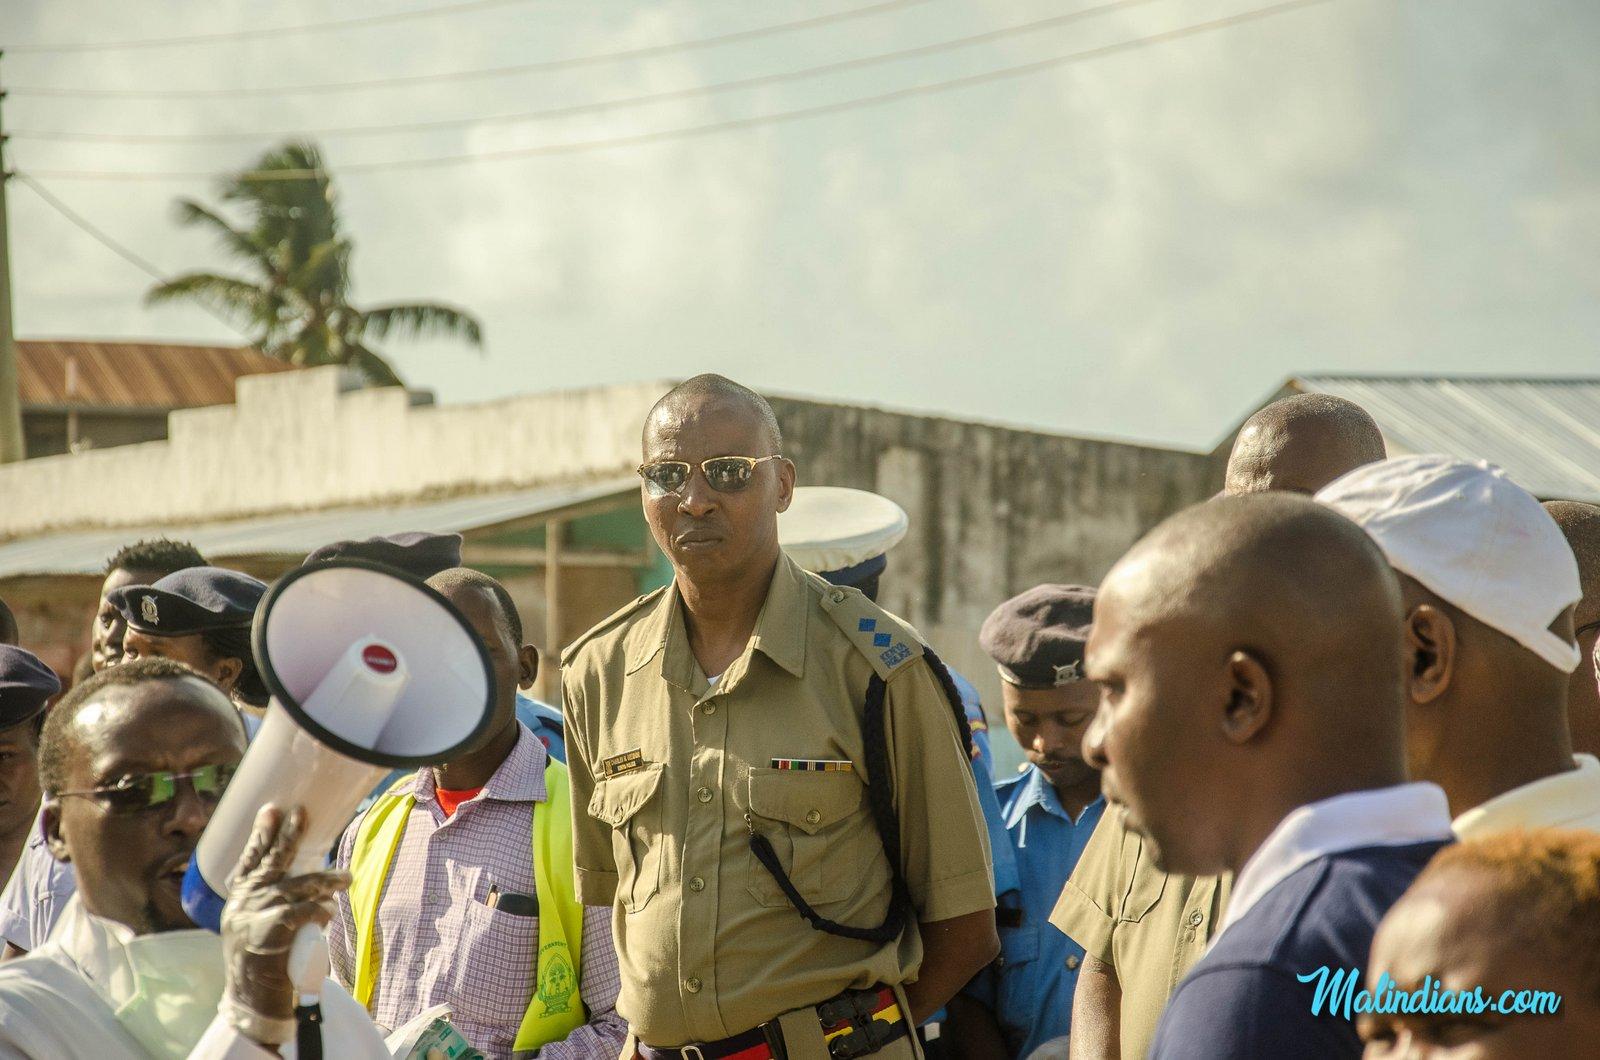 Malindi Town Clean up Kisumu Ndogo 67 - Malindi Town Clean-up in Kisumu Ndogo ( Pictorial)